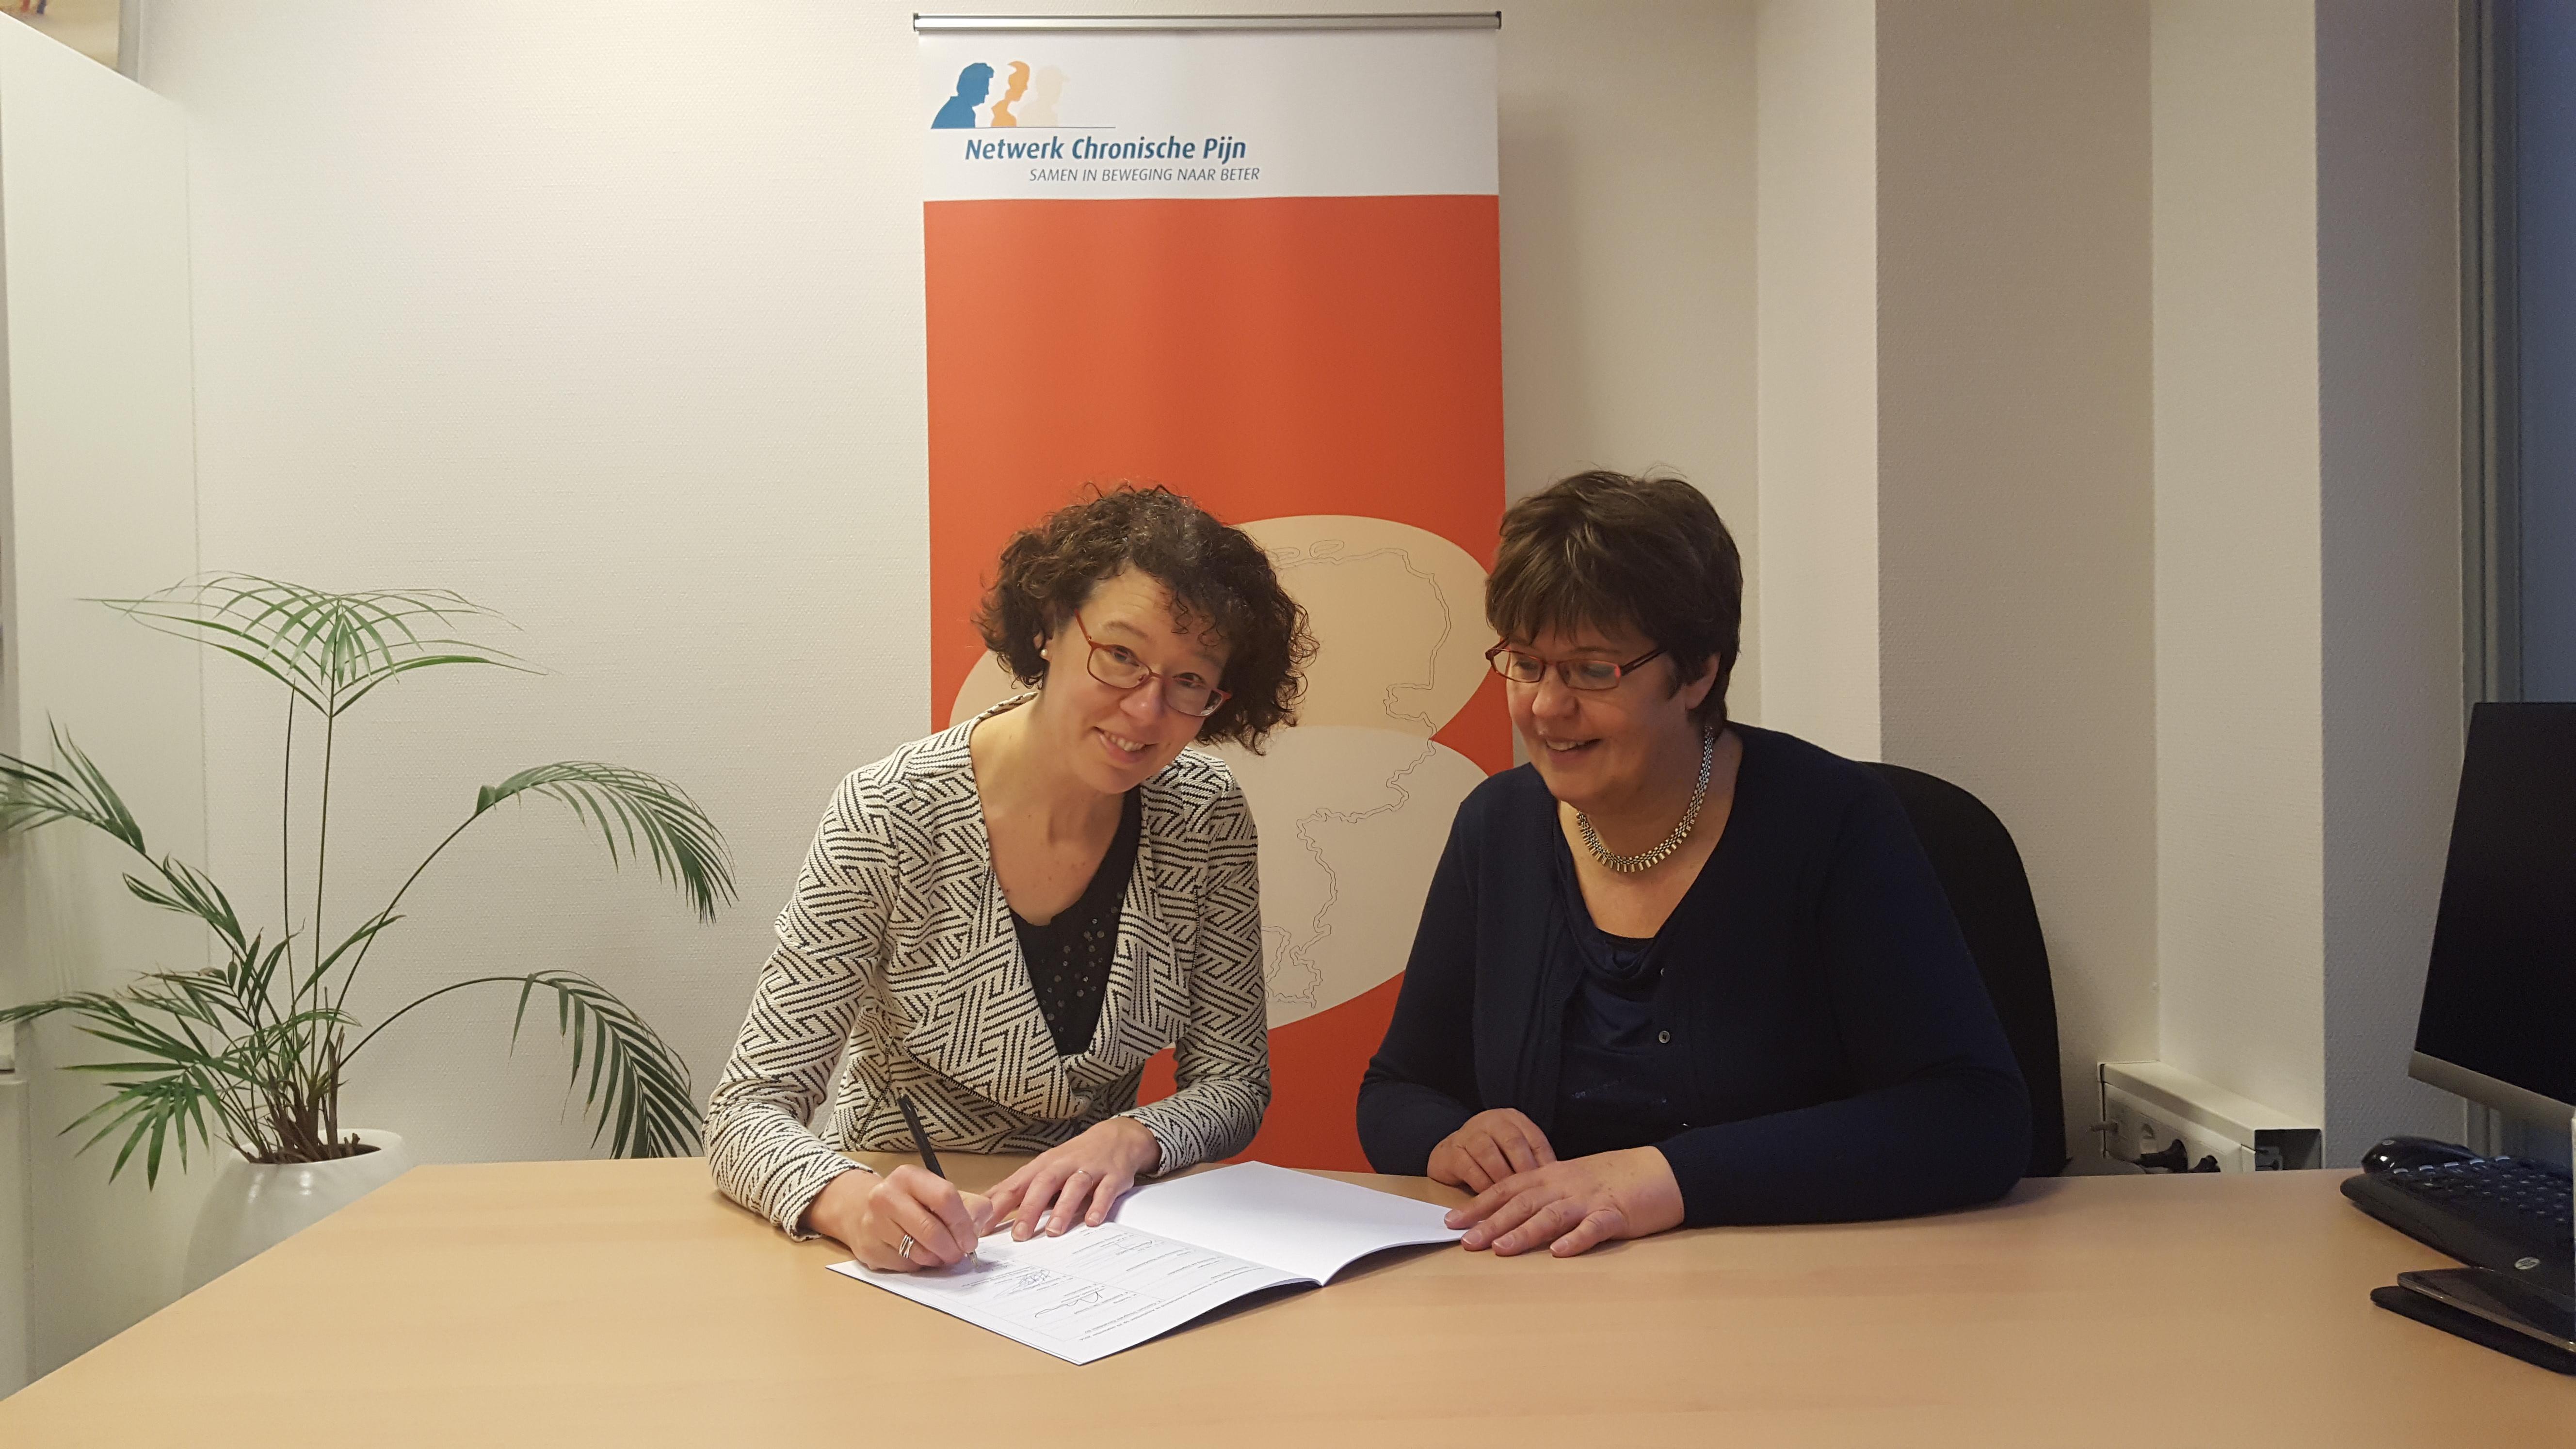 Ondertekening Health Deal door Netwerk Chronische Pijn